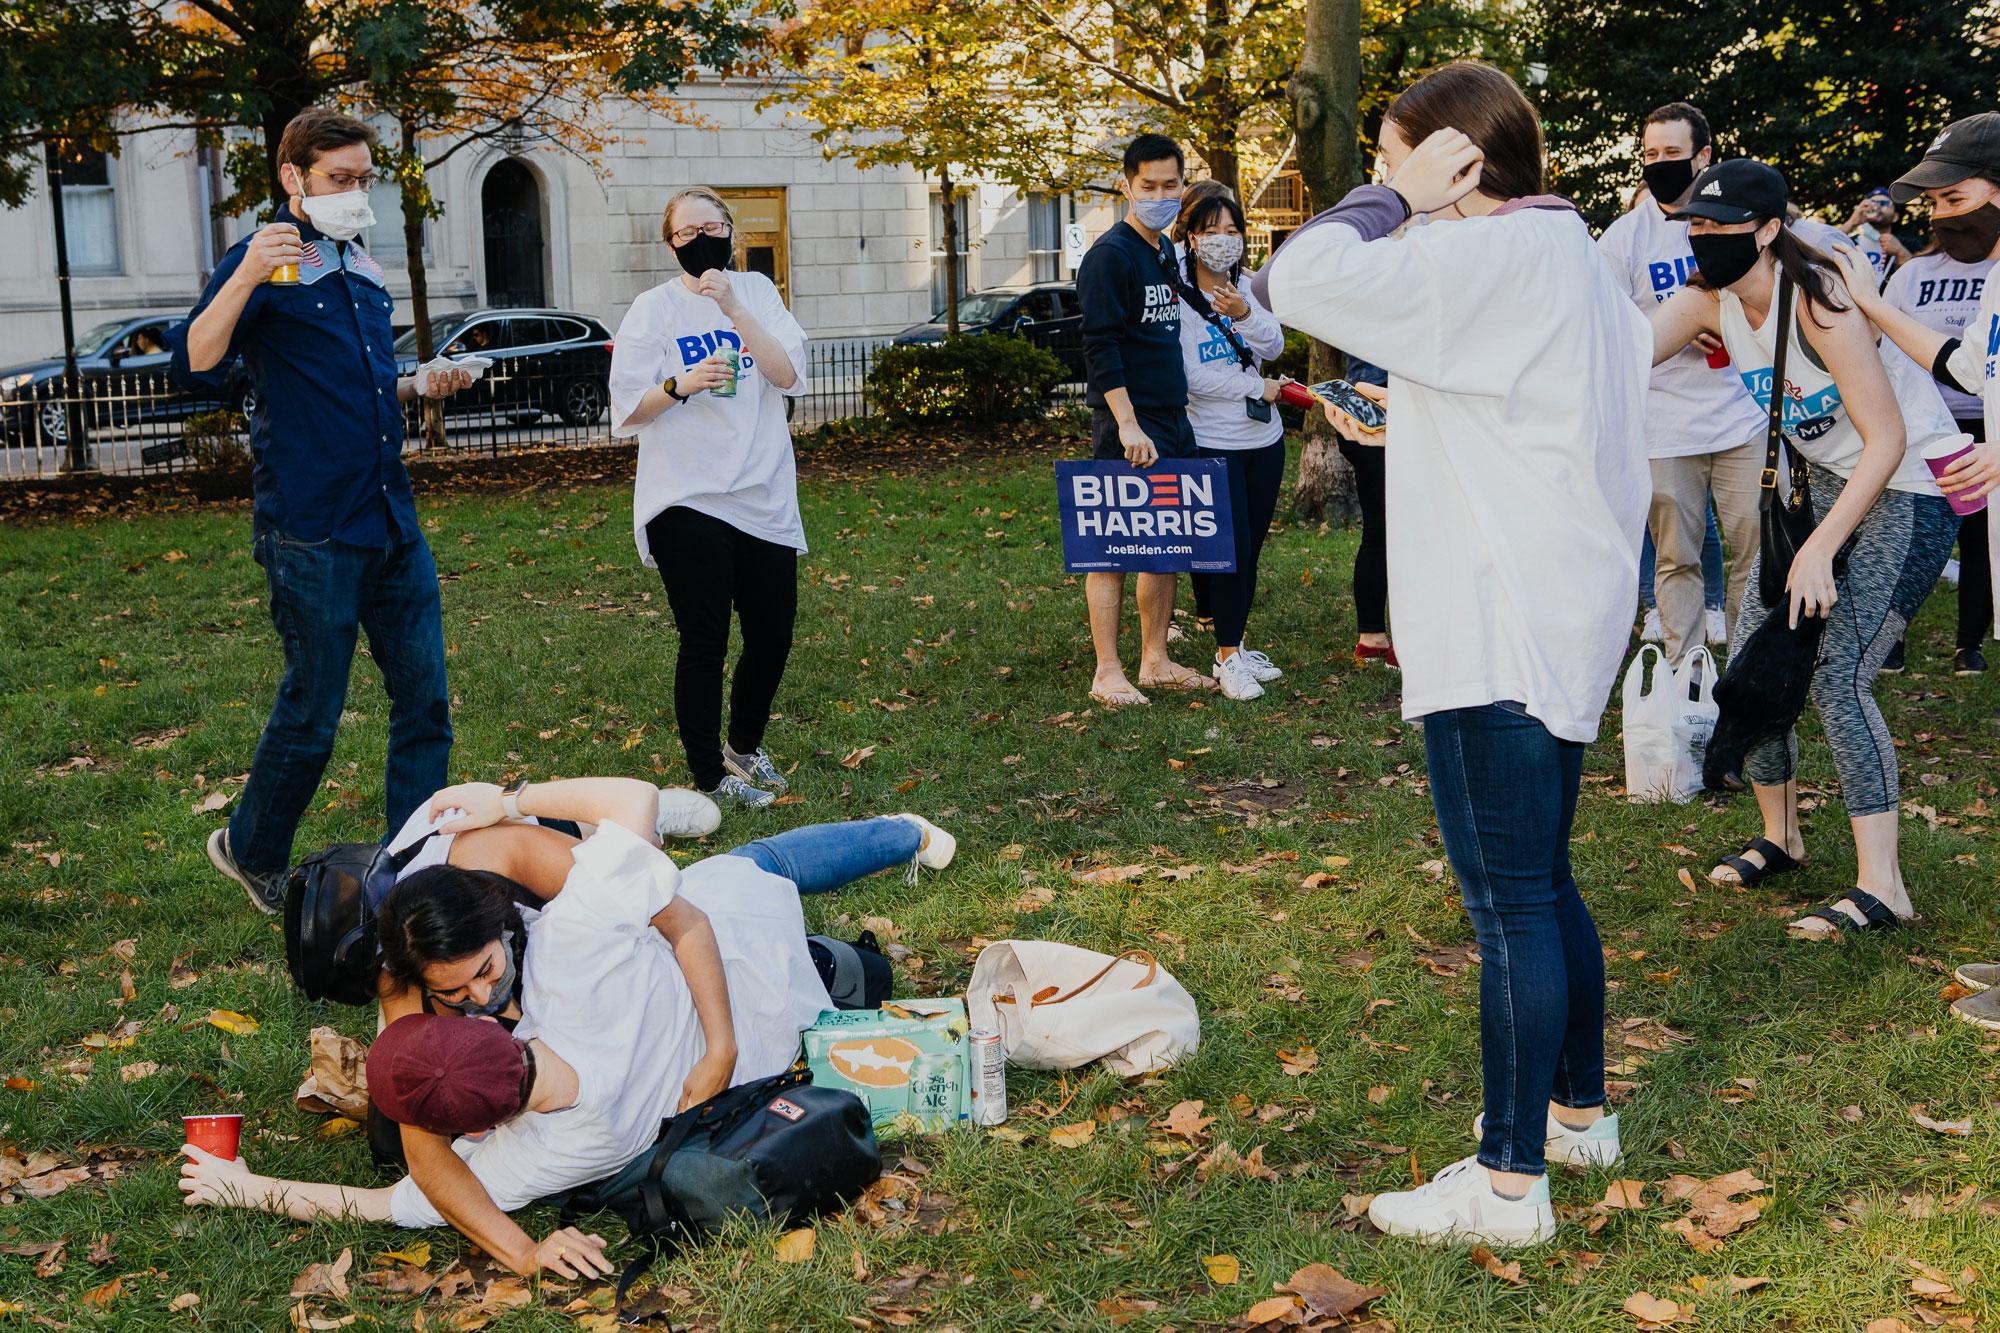 Members of President-elect Joe Biden's staff celebrate his victory in Rittenhouse Square Park in Philadelphia on Nov. 7.